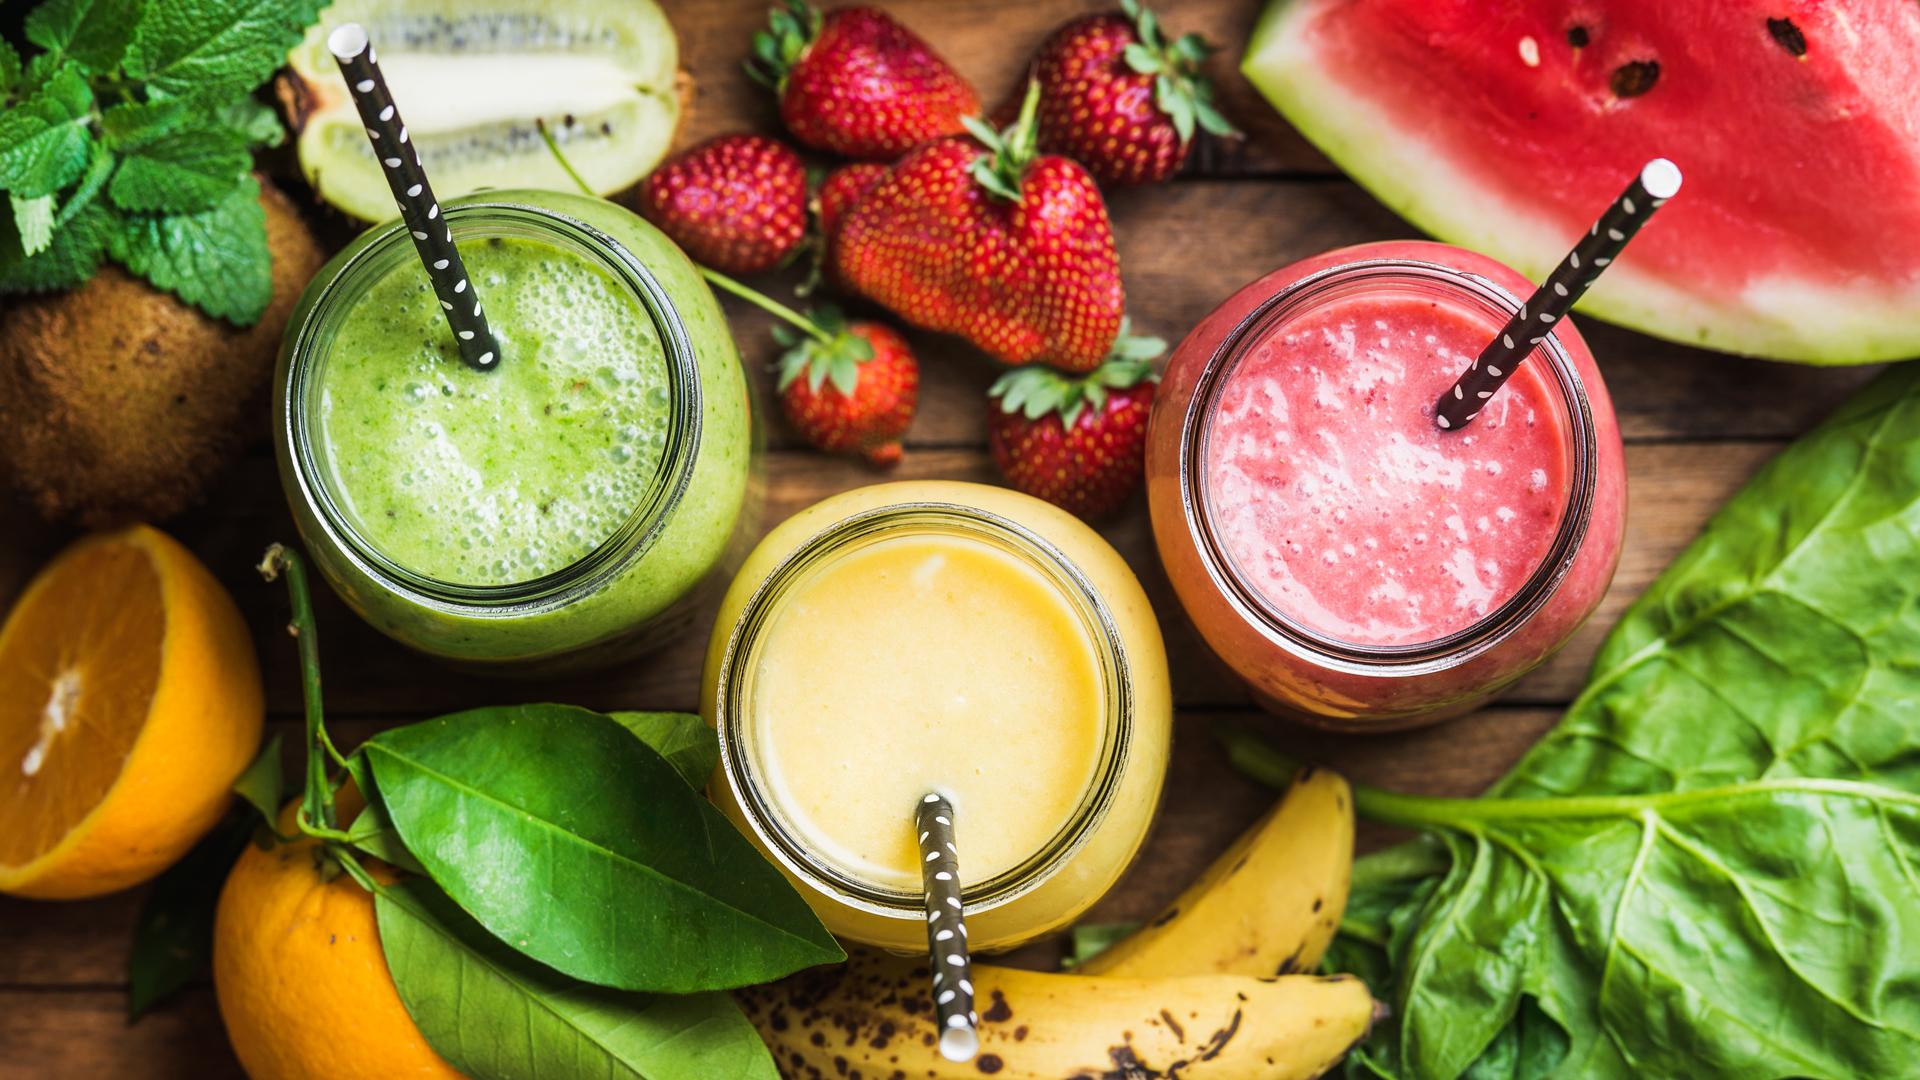 Comidas frescas y divertidas para disfrutar en minutos, la idea detrás de Tastemade(iStock)